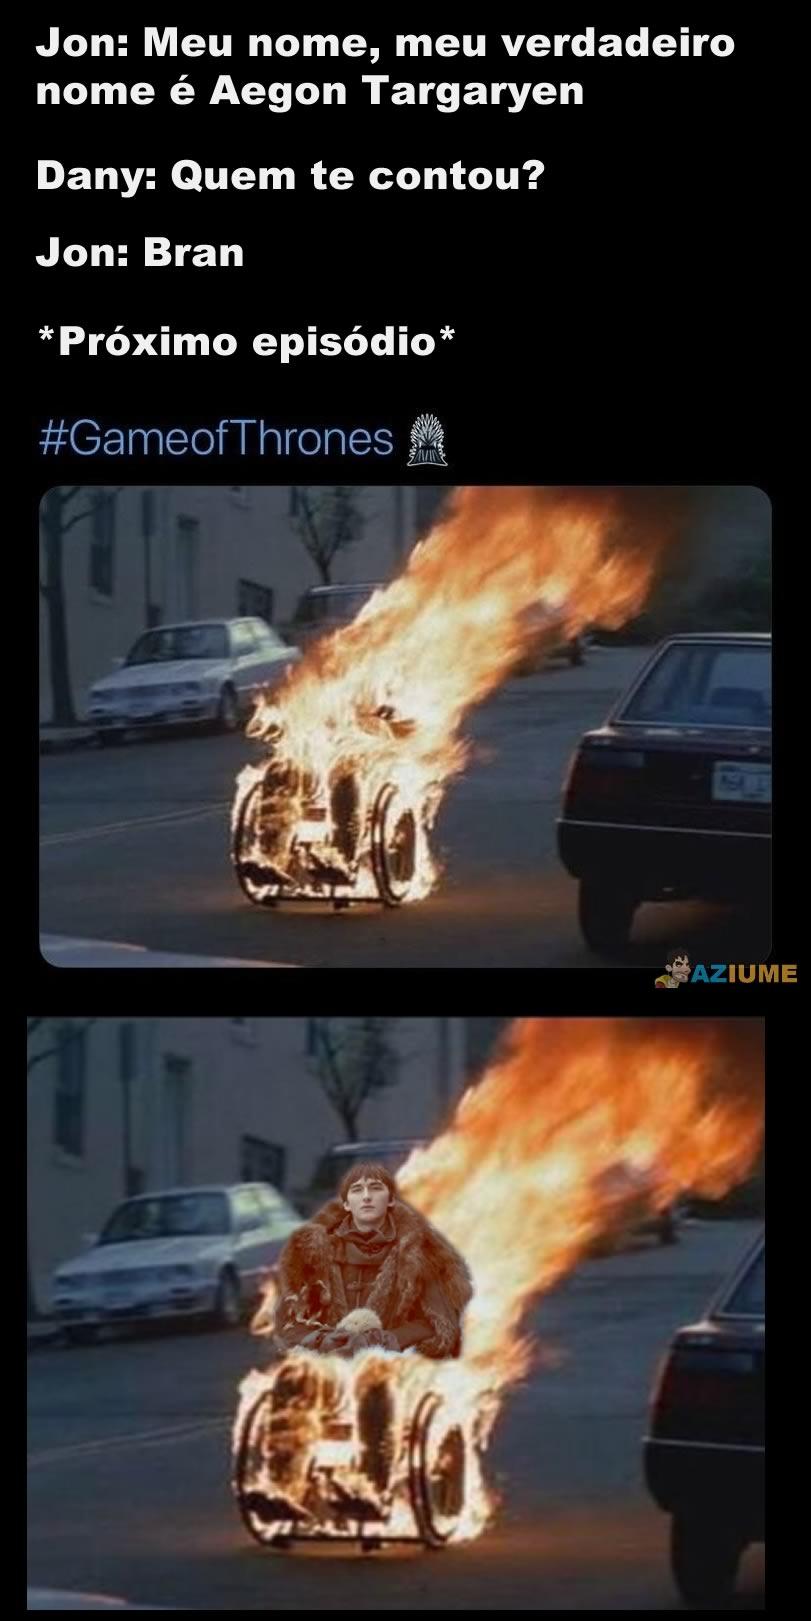 Próximo episódio de Game of Thrones